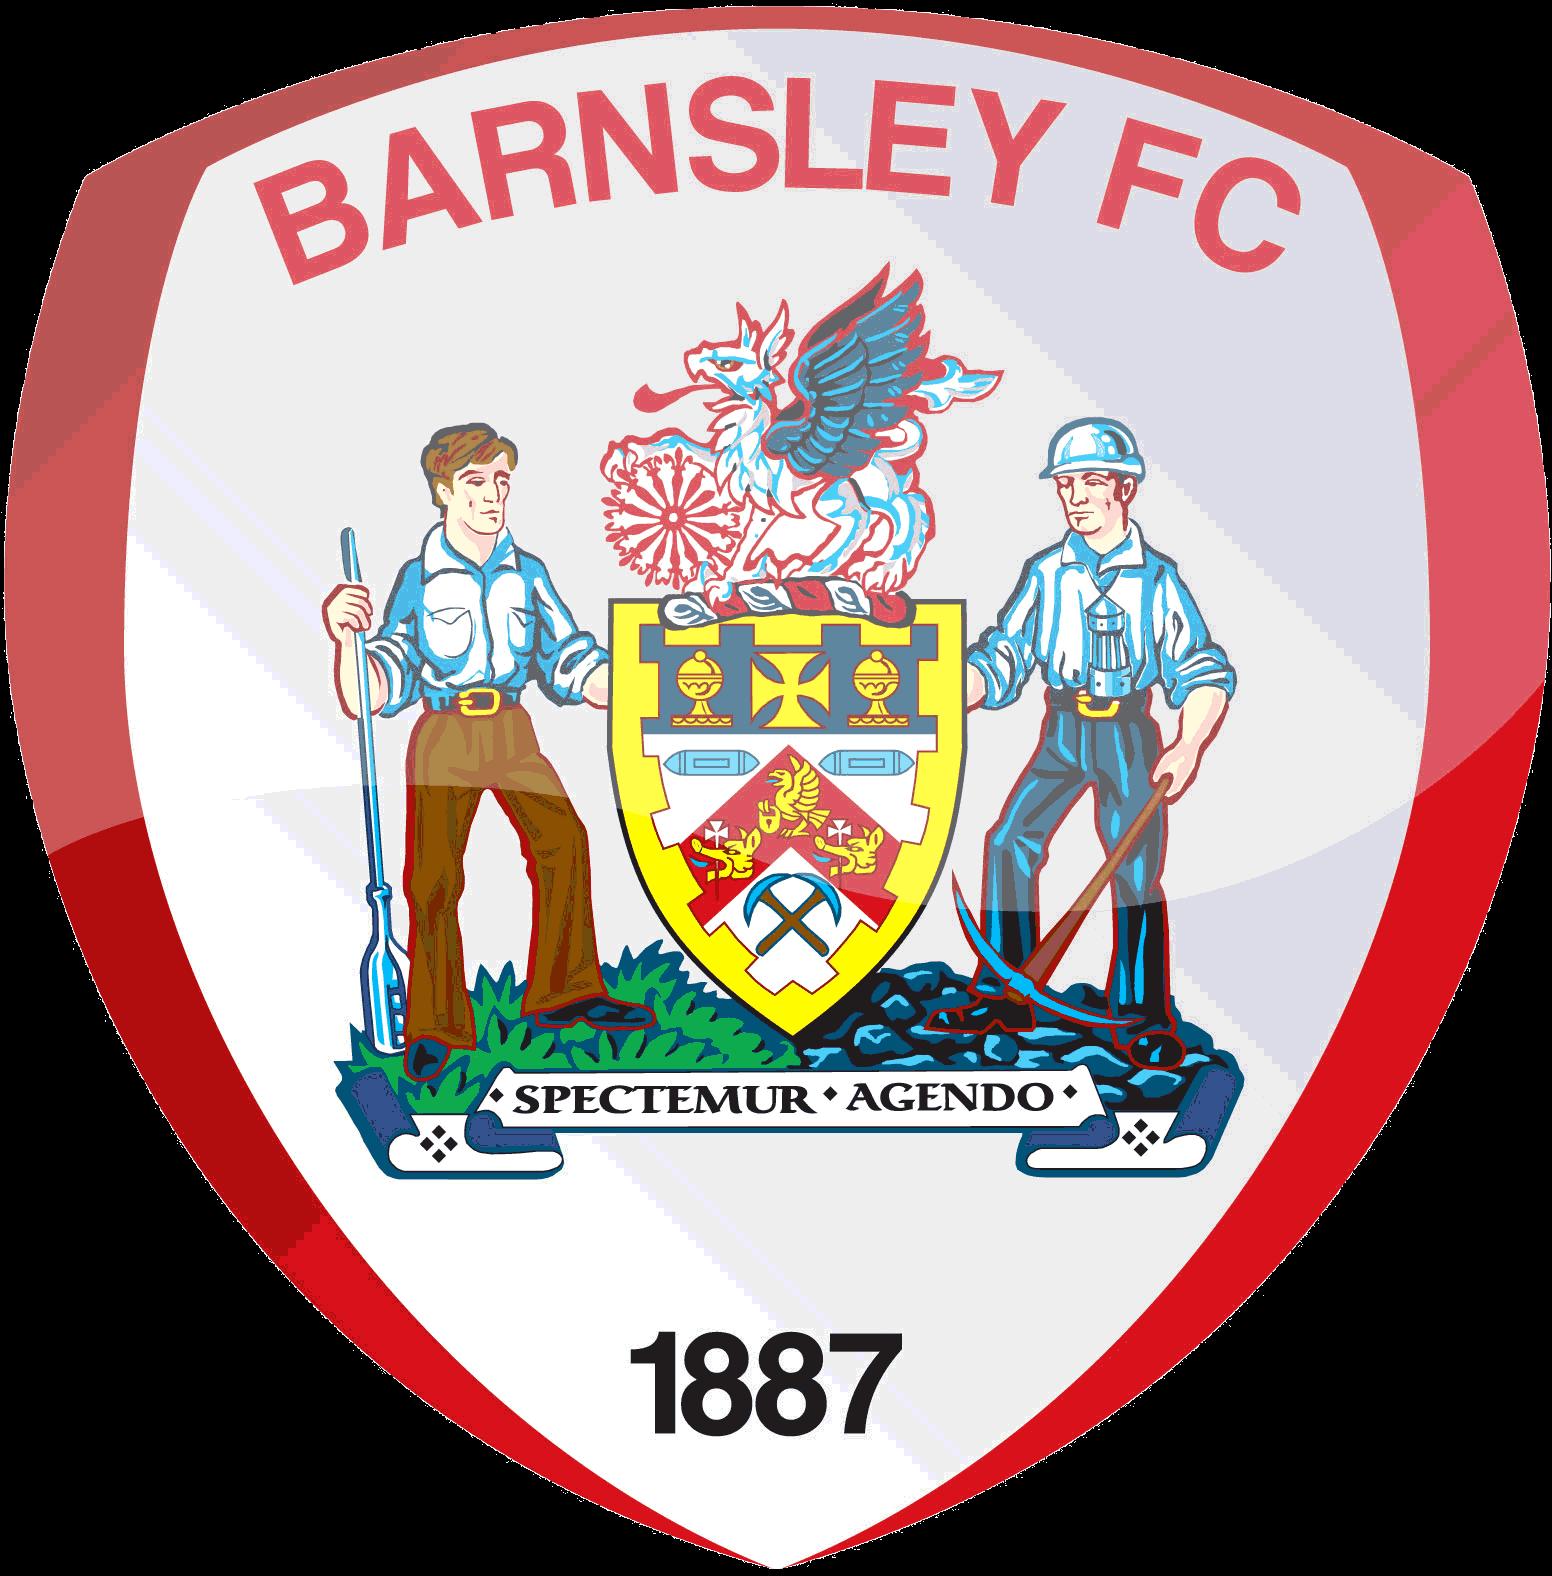 2017–18 Barnsley F.C. season